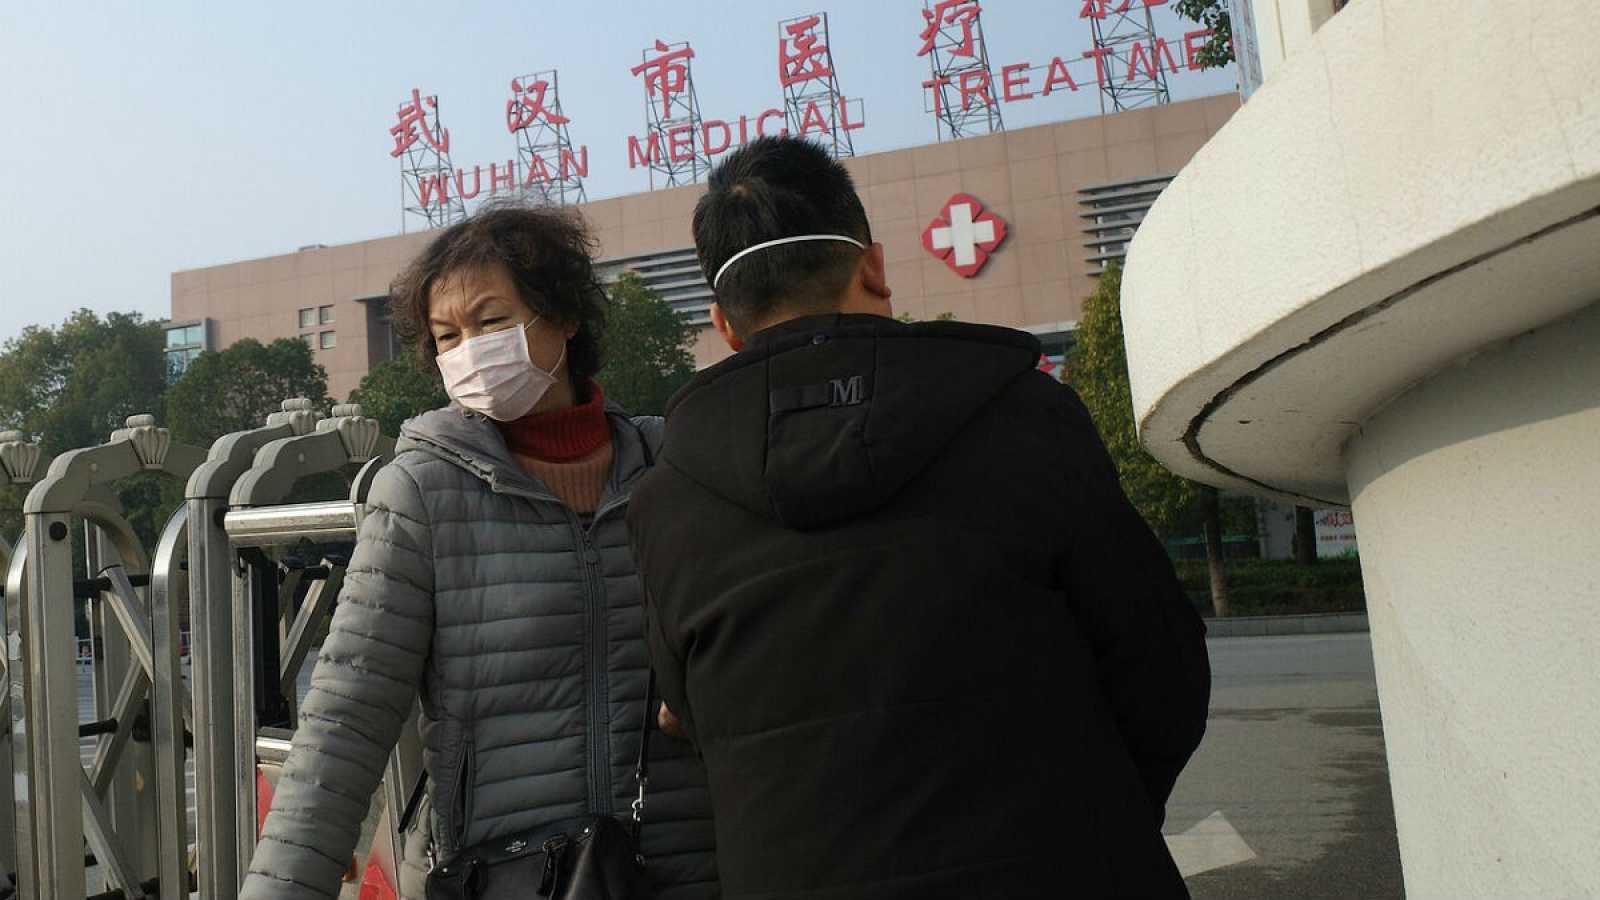 Una mujer abandona el centro médico de Wuhan, donde falleció un hombre que estaba ingresado por el coronavirus similar al síndrome agudo respiratorio grave (SARS).